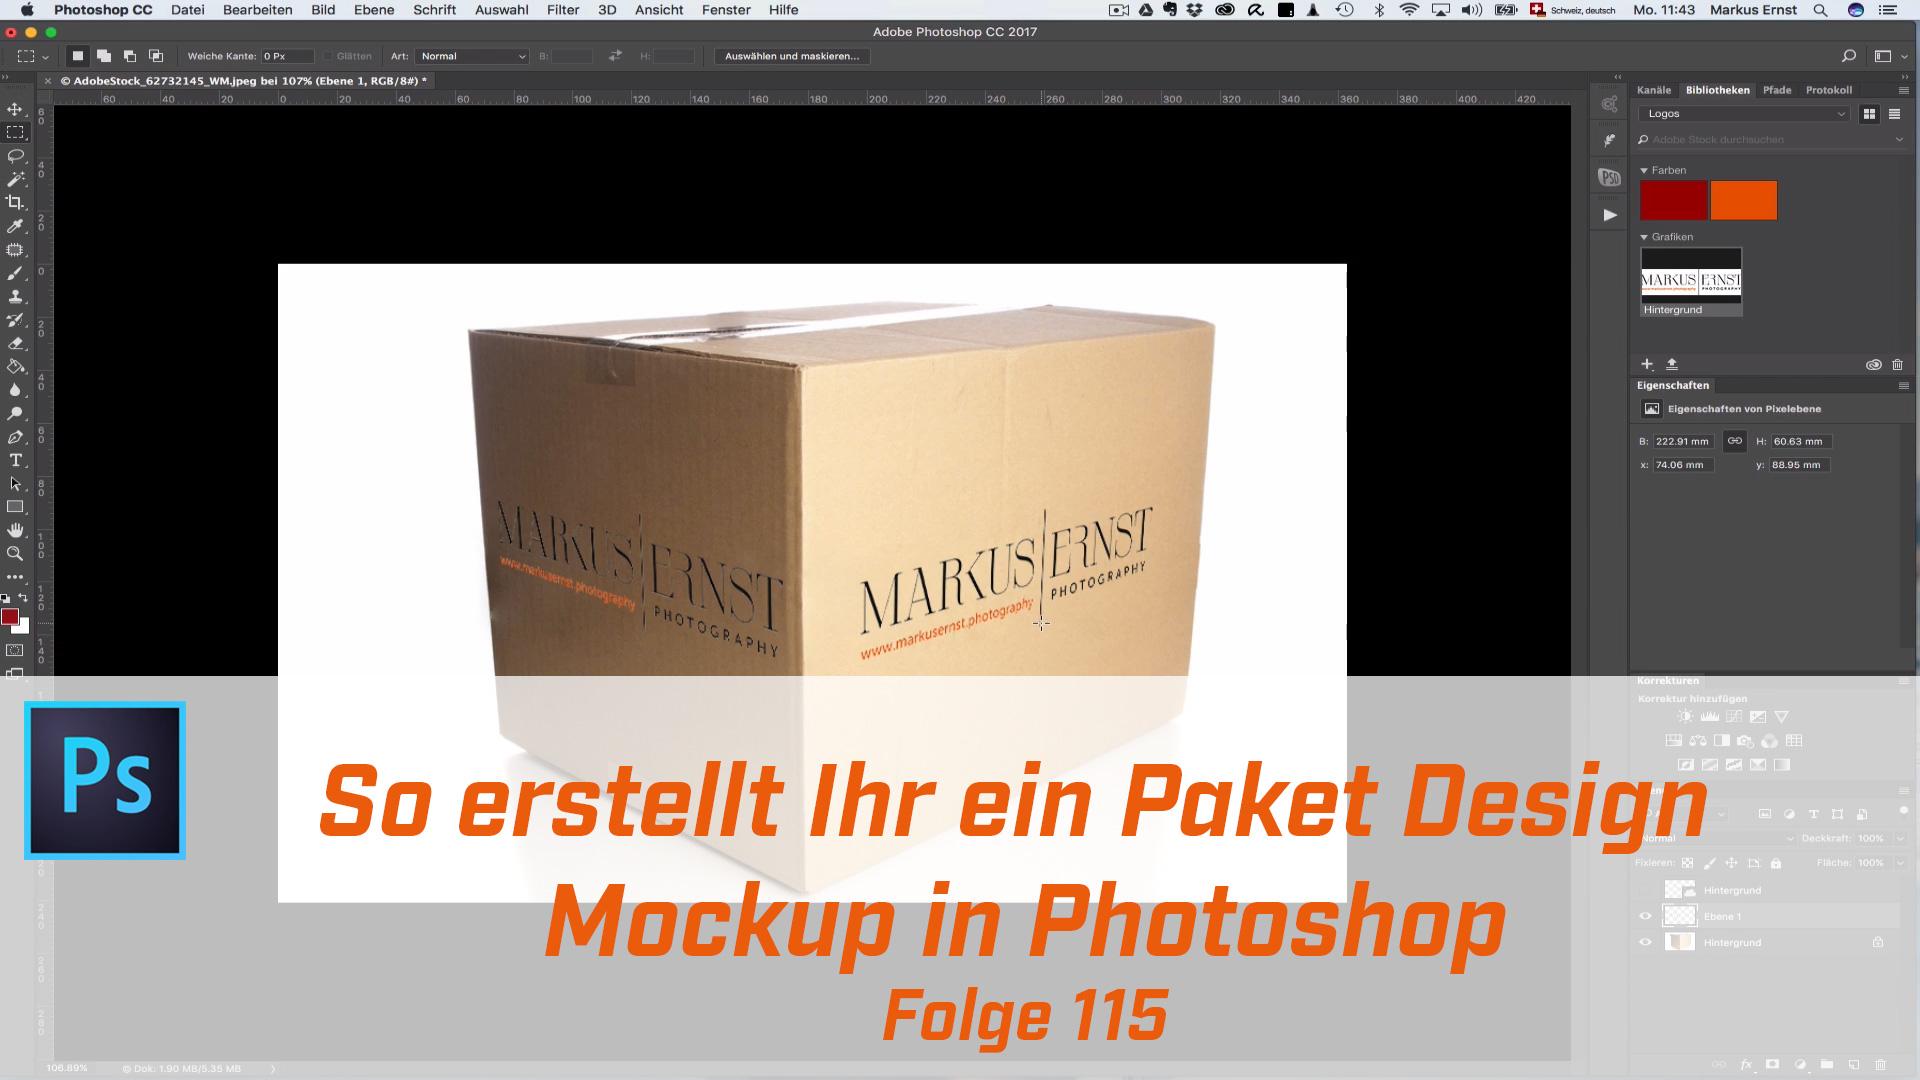 So erstellt Ihr ein Paket Design Mockup in Photoshop